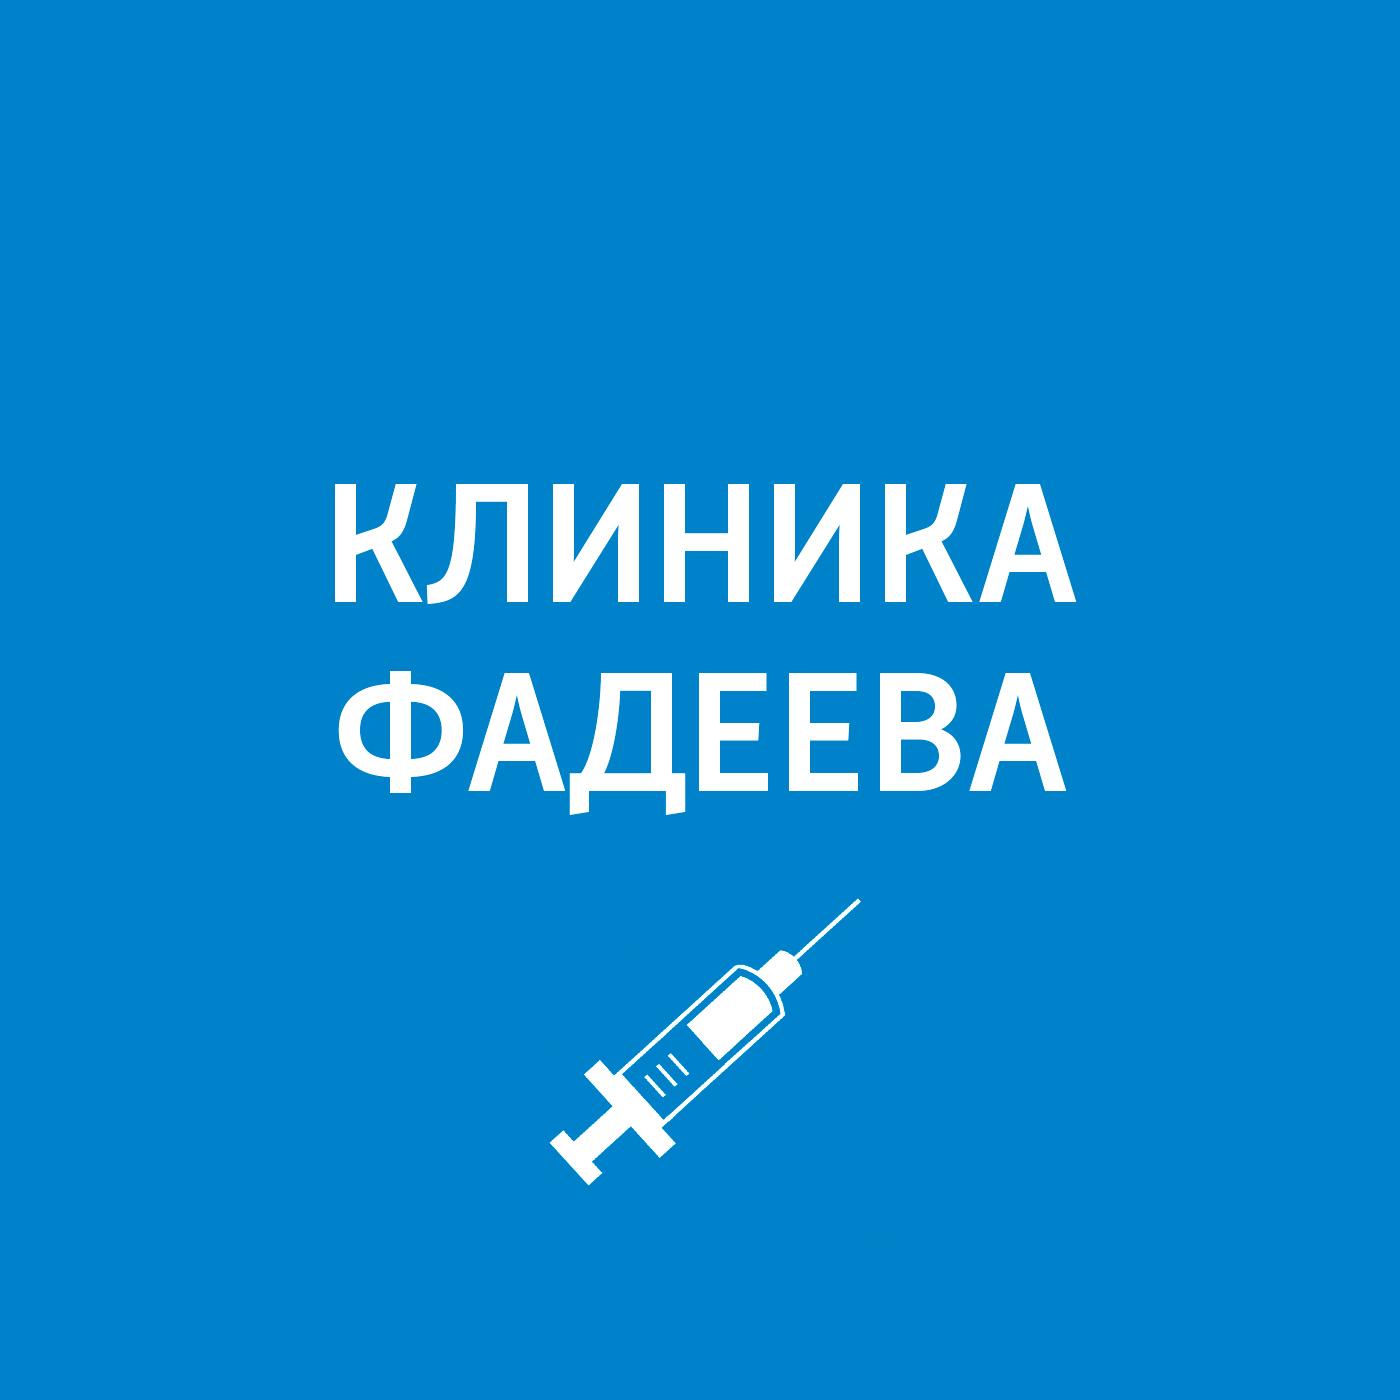 Пётр Фадеев Советы врача-нарколога пётр фадеев кинезиолог остеопат